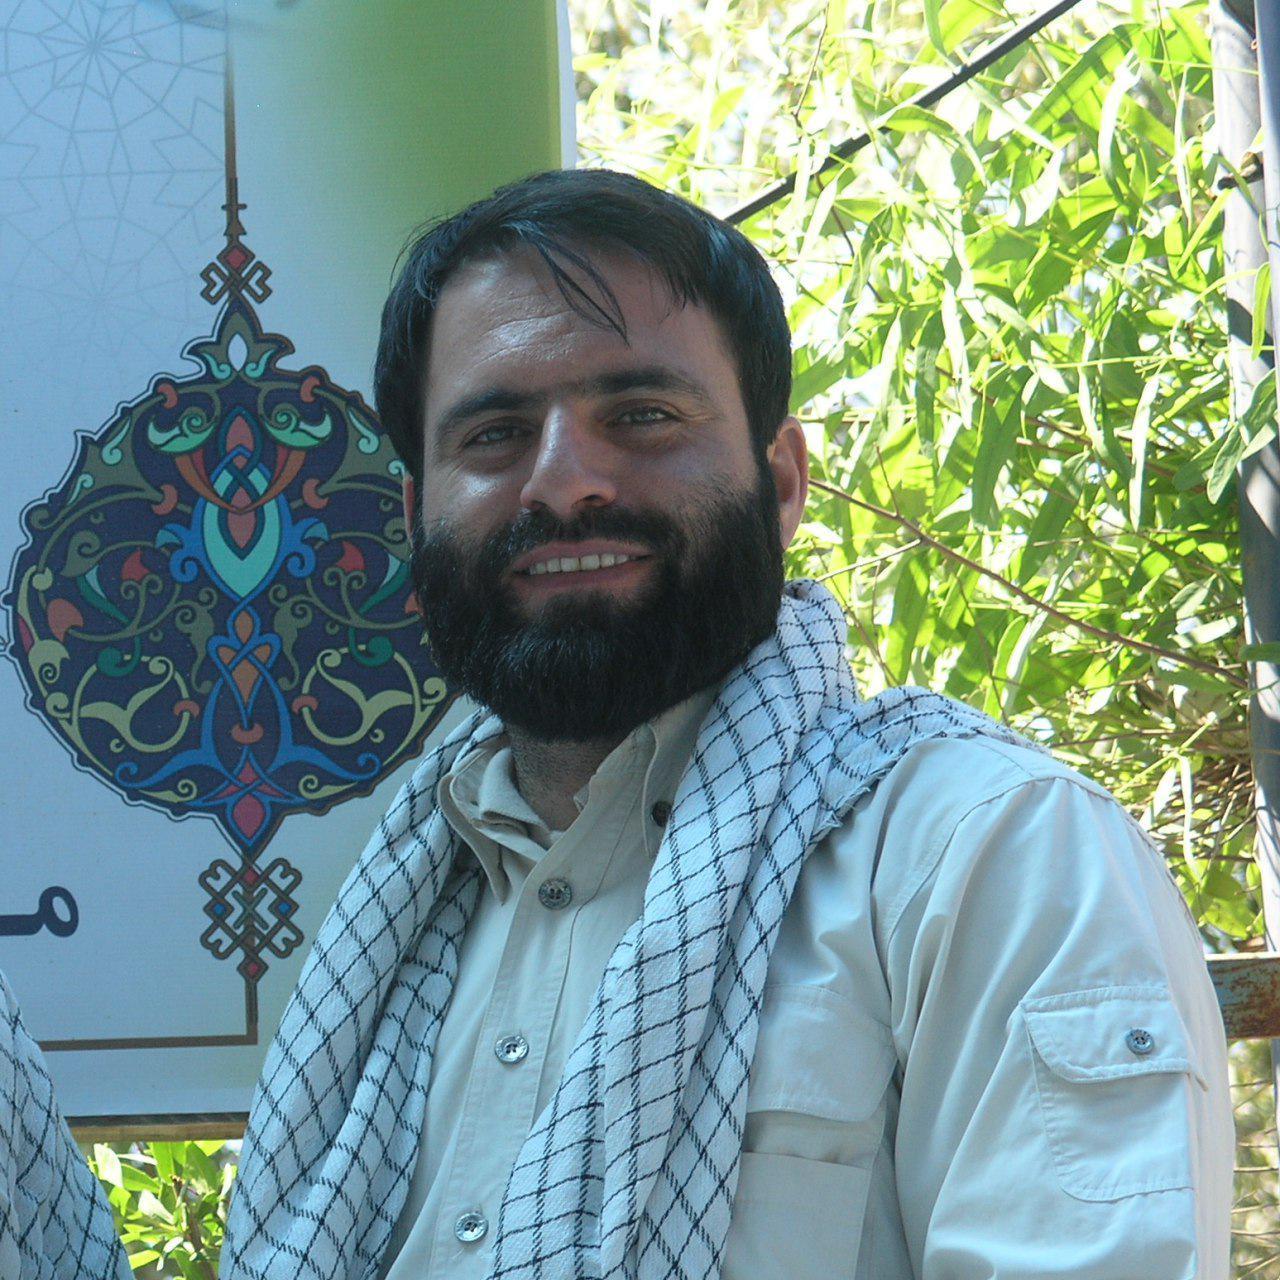 مدافعان حرم شهید عبدالمهدی کاظمی -<b><b> تلگرام</b> زندگی</b>